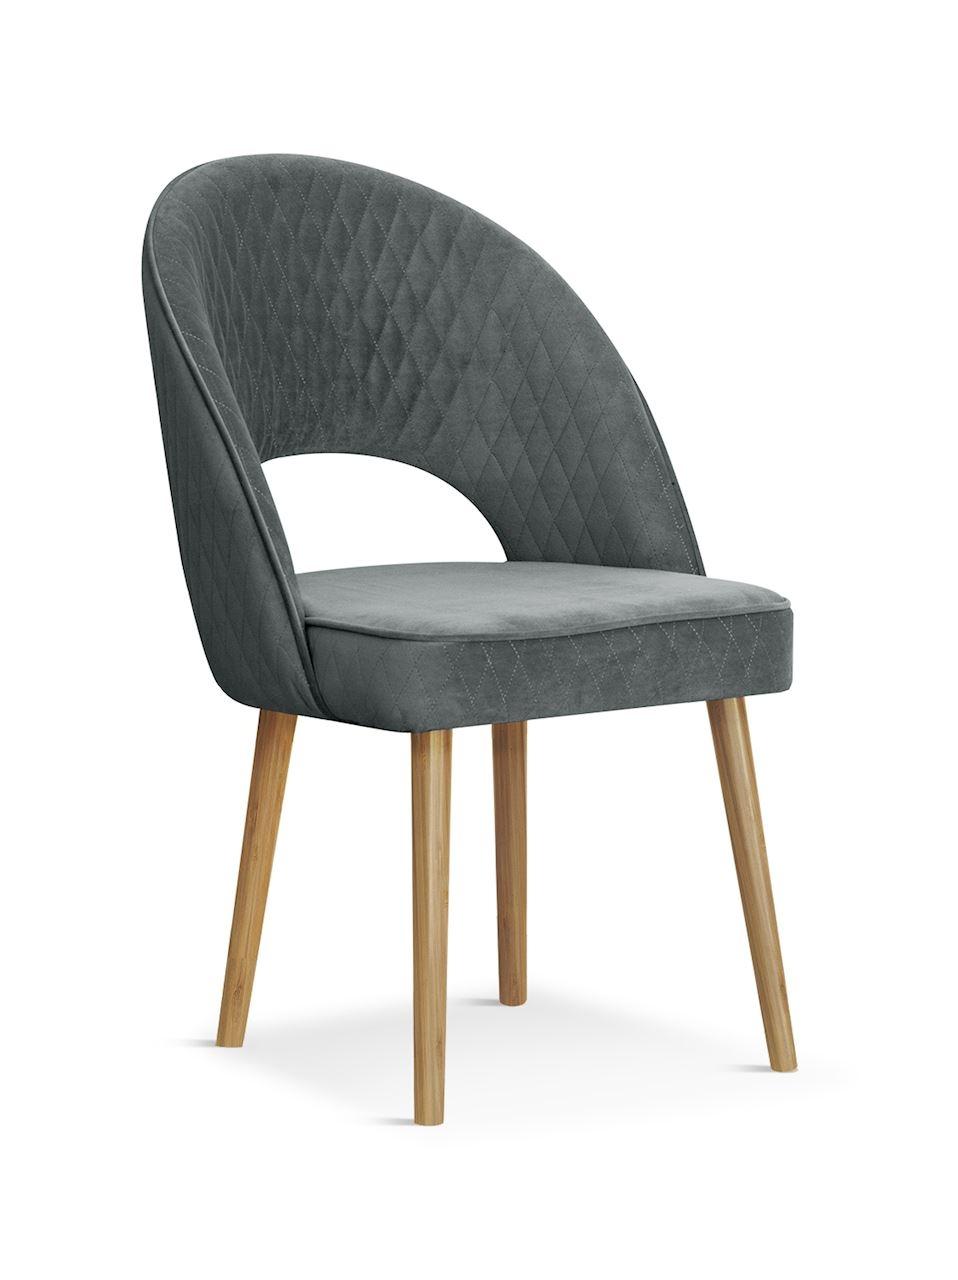 Scaun tapitat cu stofa, cu picioare din lemn Ponte Grey / Oak, l56xA63xH89 cm